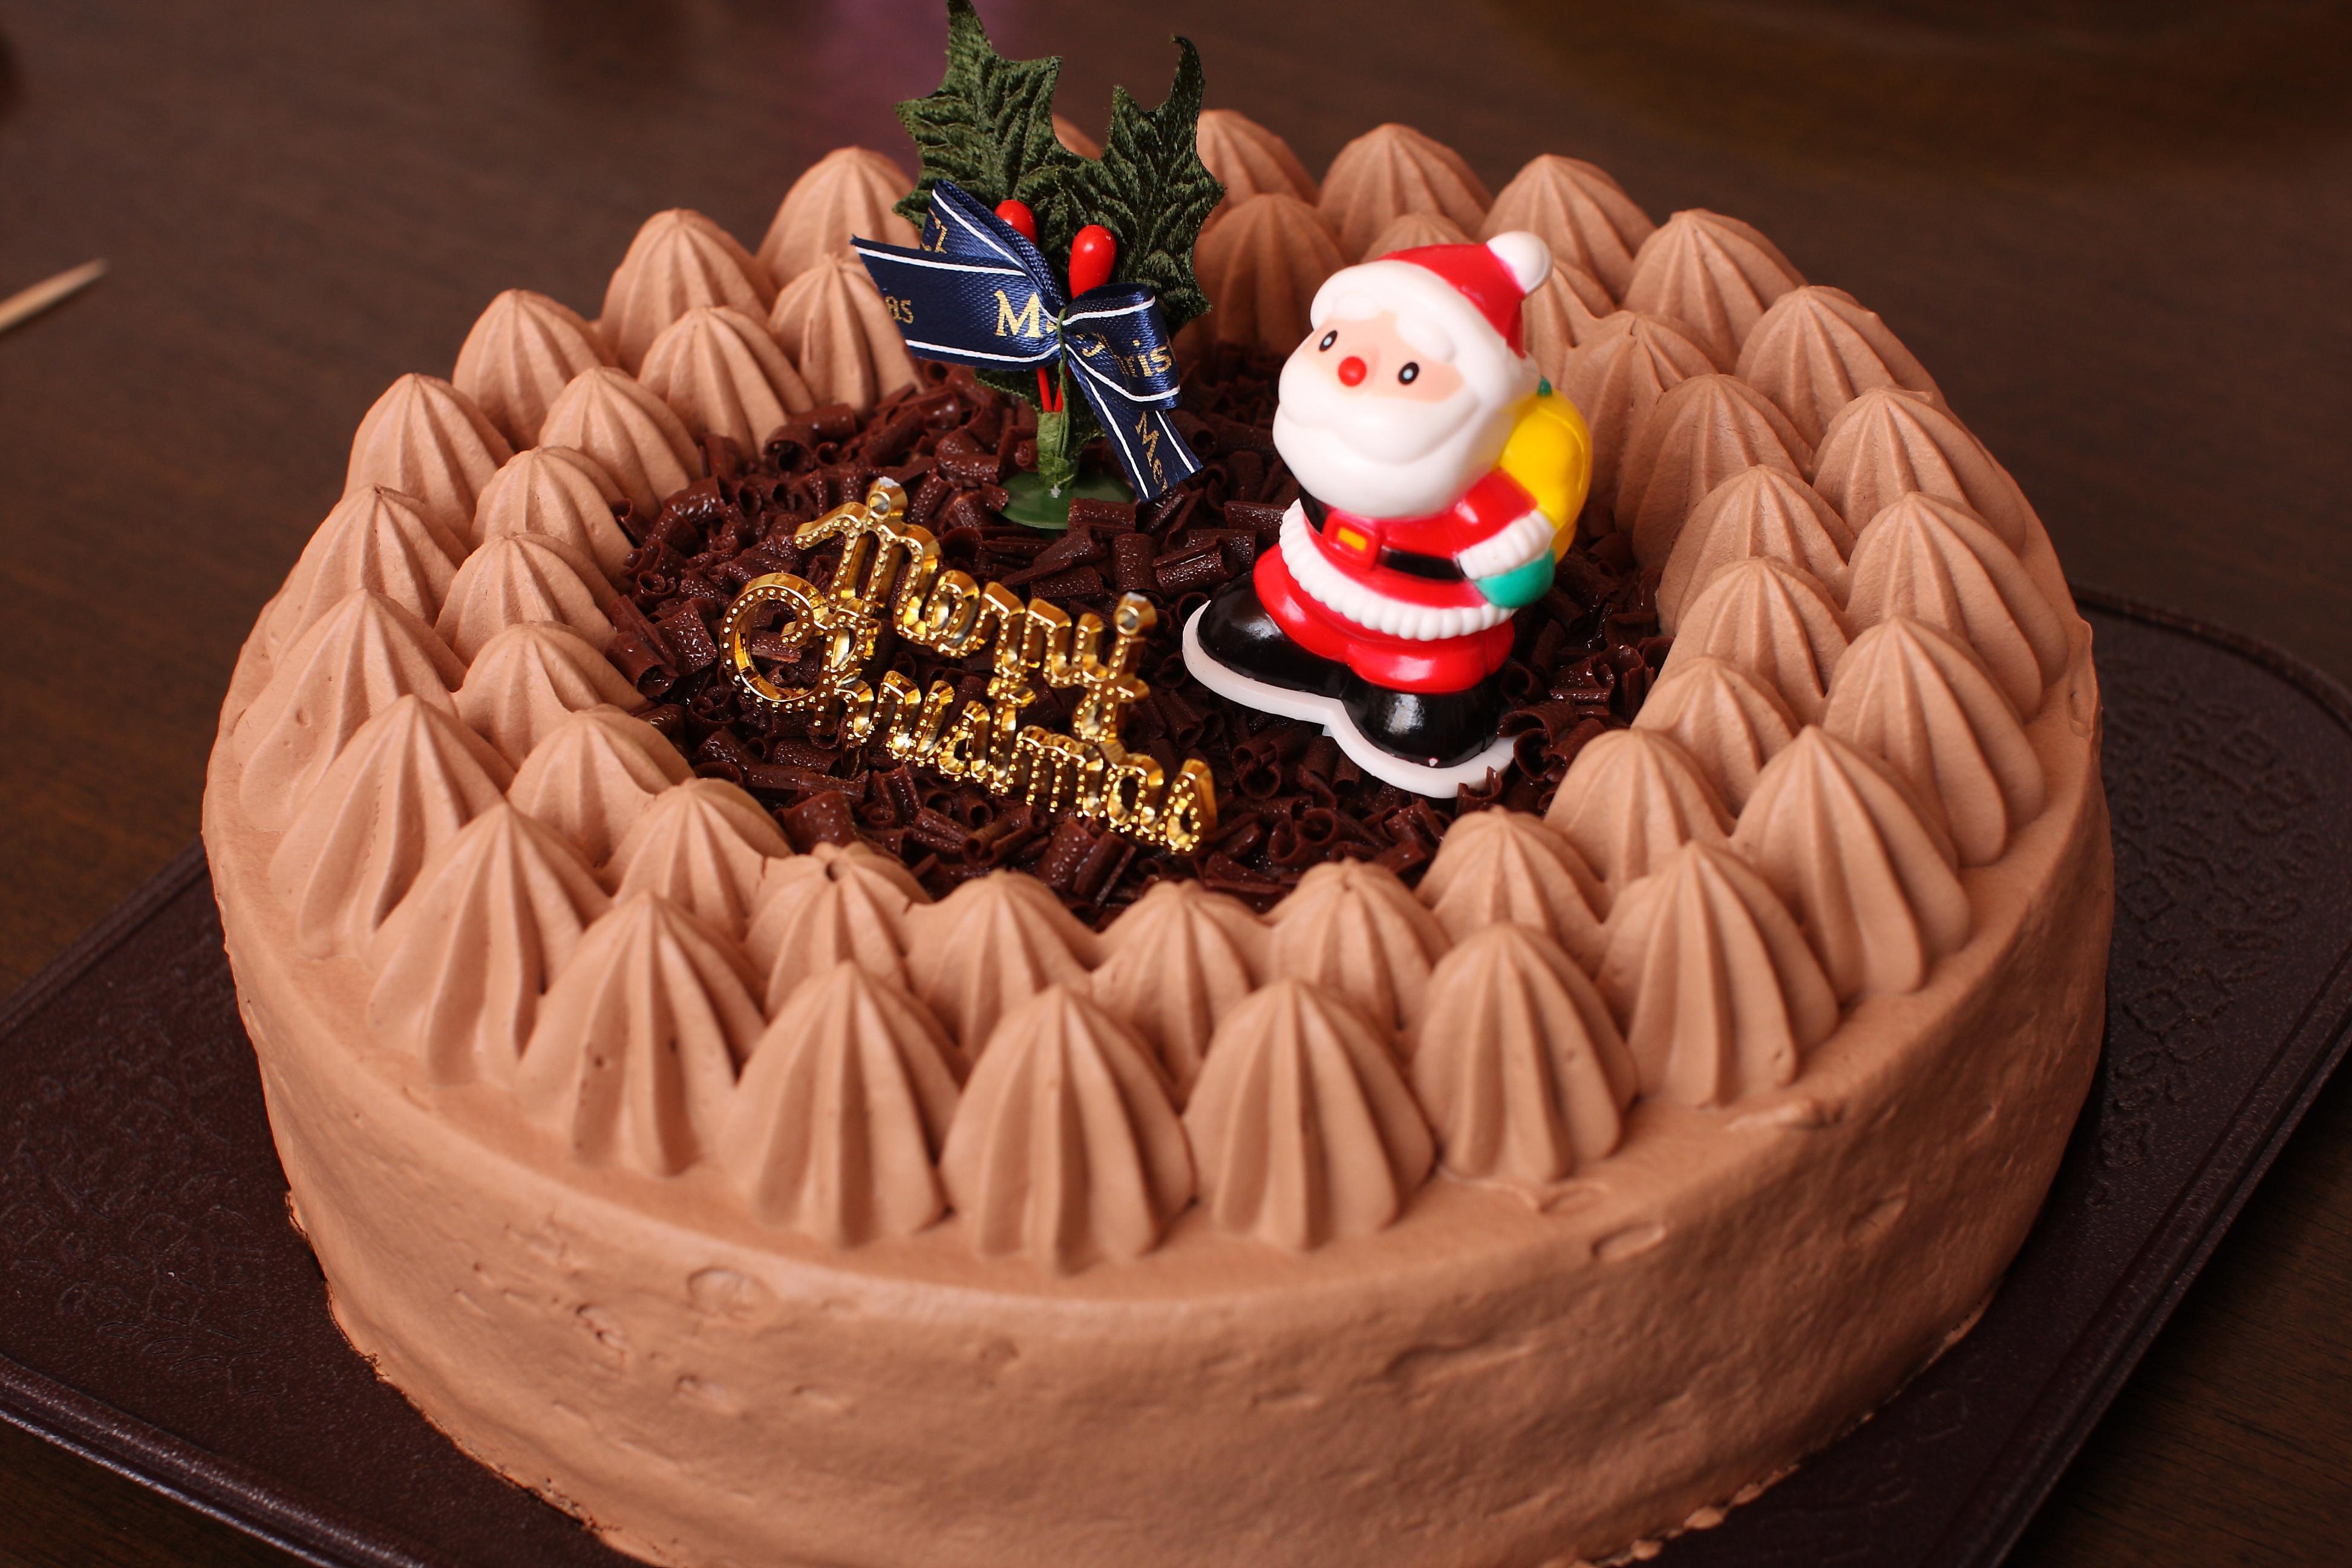 Фотографии Рождество Торты Санта-Клаус Пища Сладости Дизайн 3888x2592 Новый год Дед Мороз Еда Продукты питания дизайна